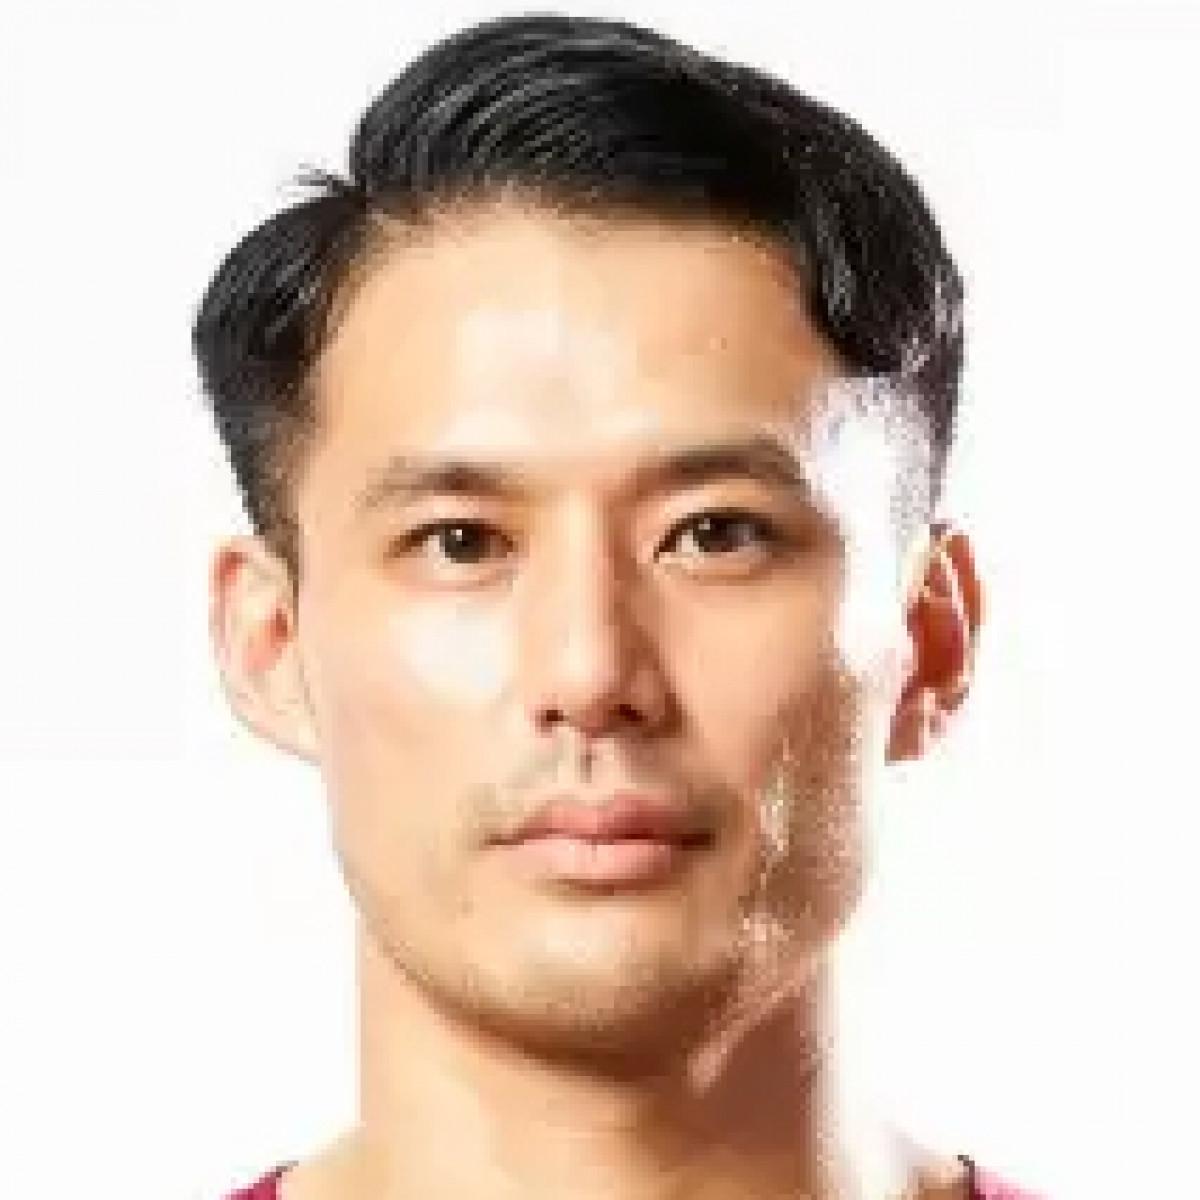 Shuichiro Samejima